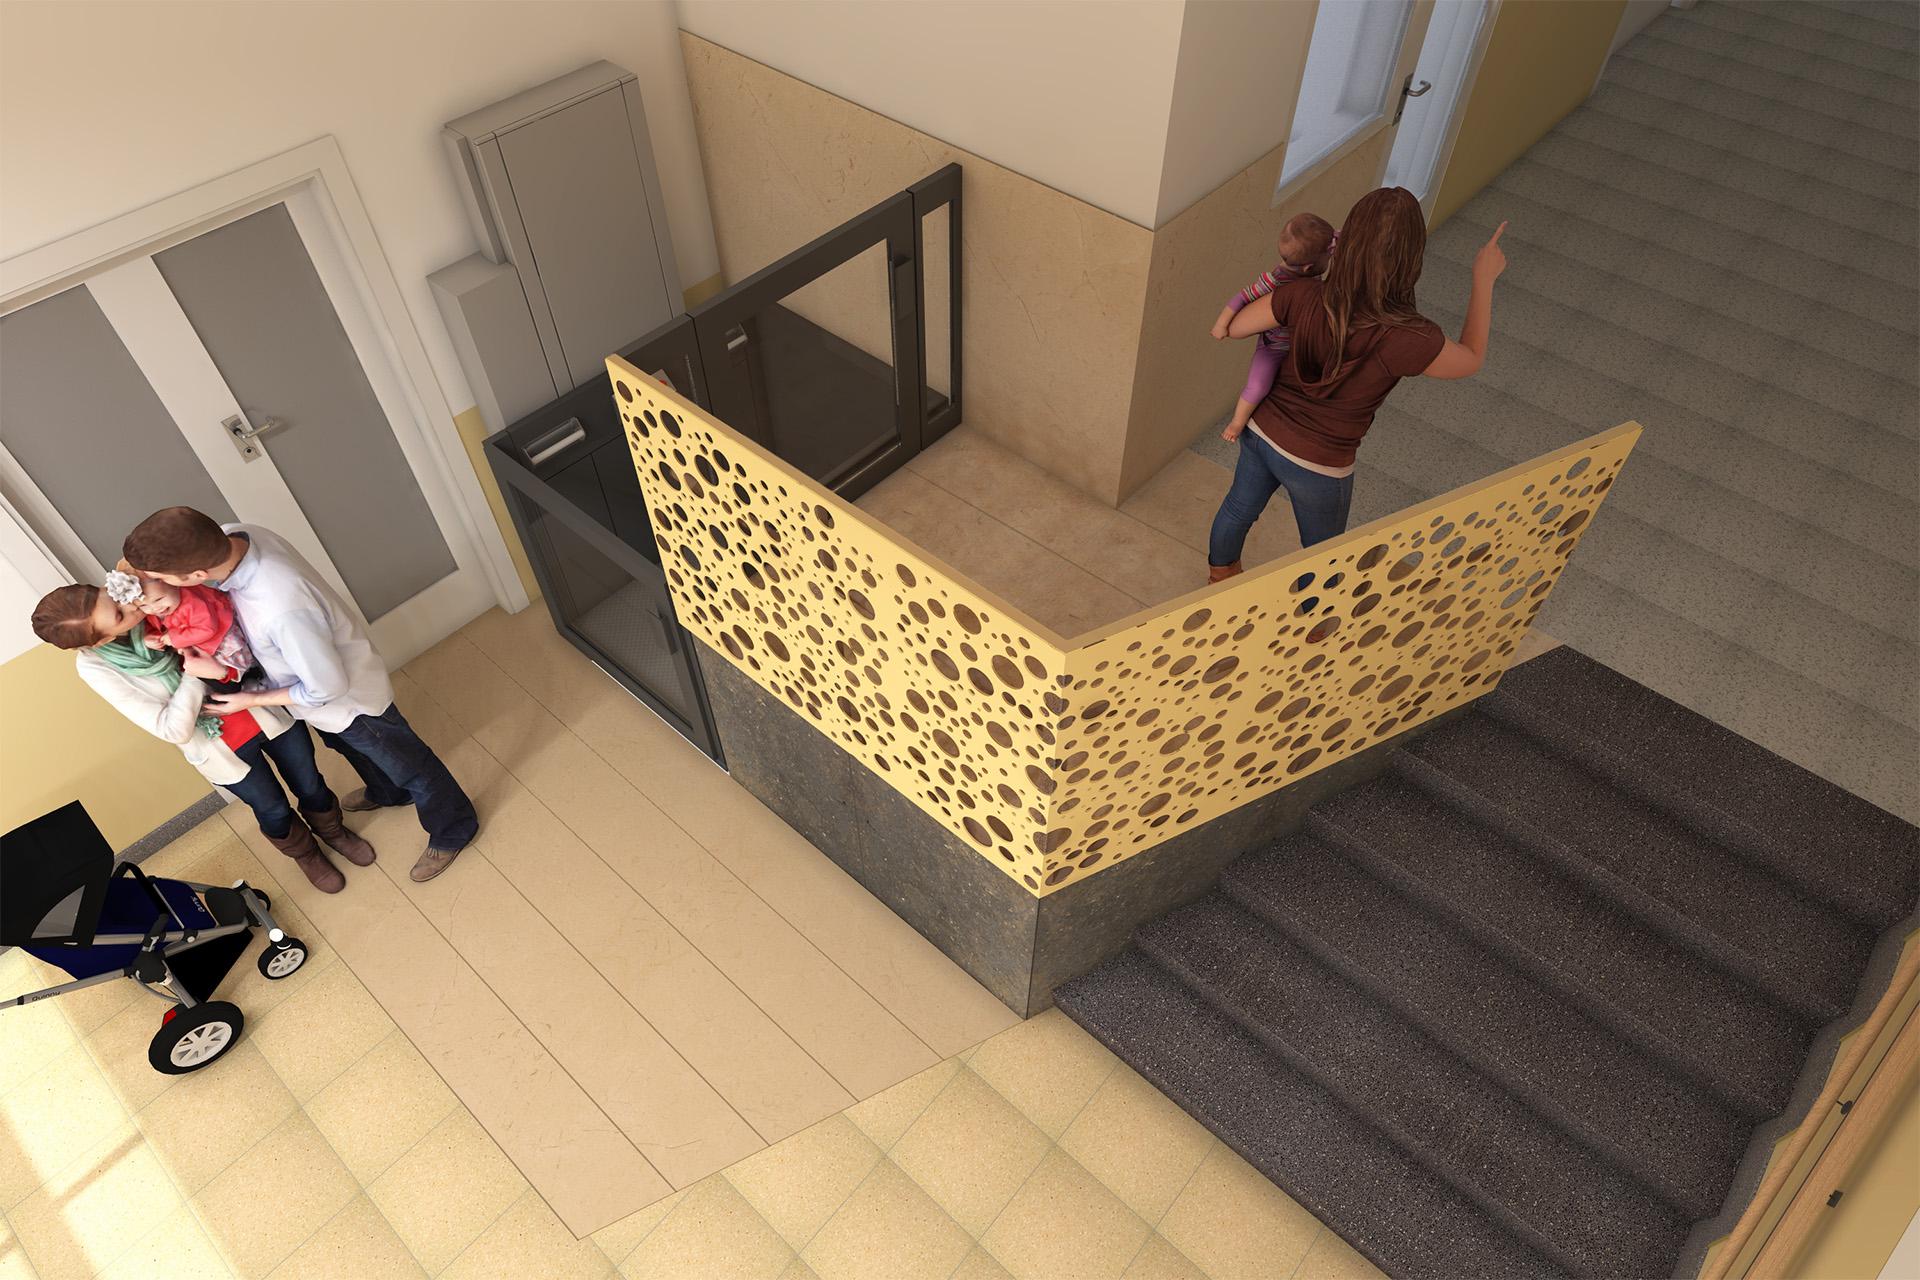 Vista superior de vestíbulo y elevador